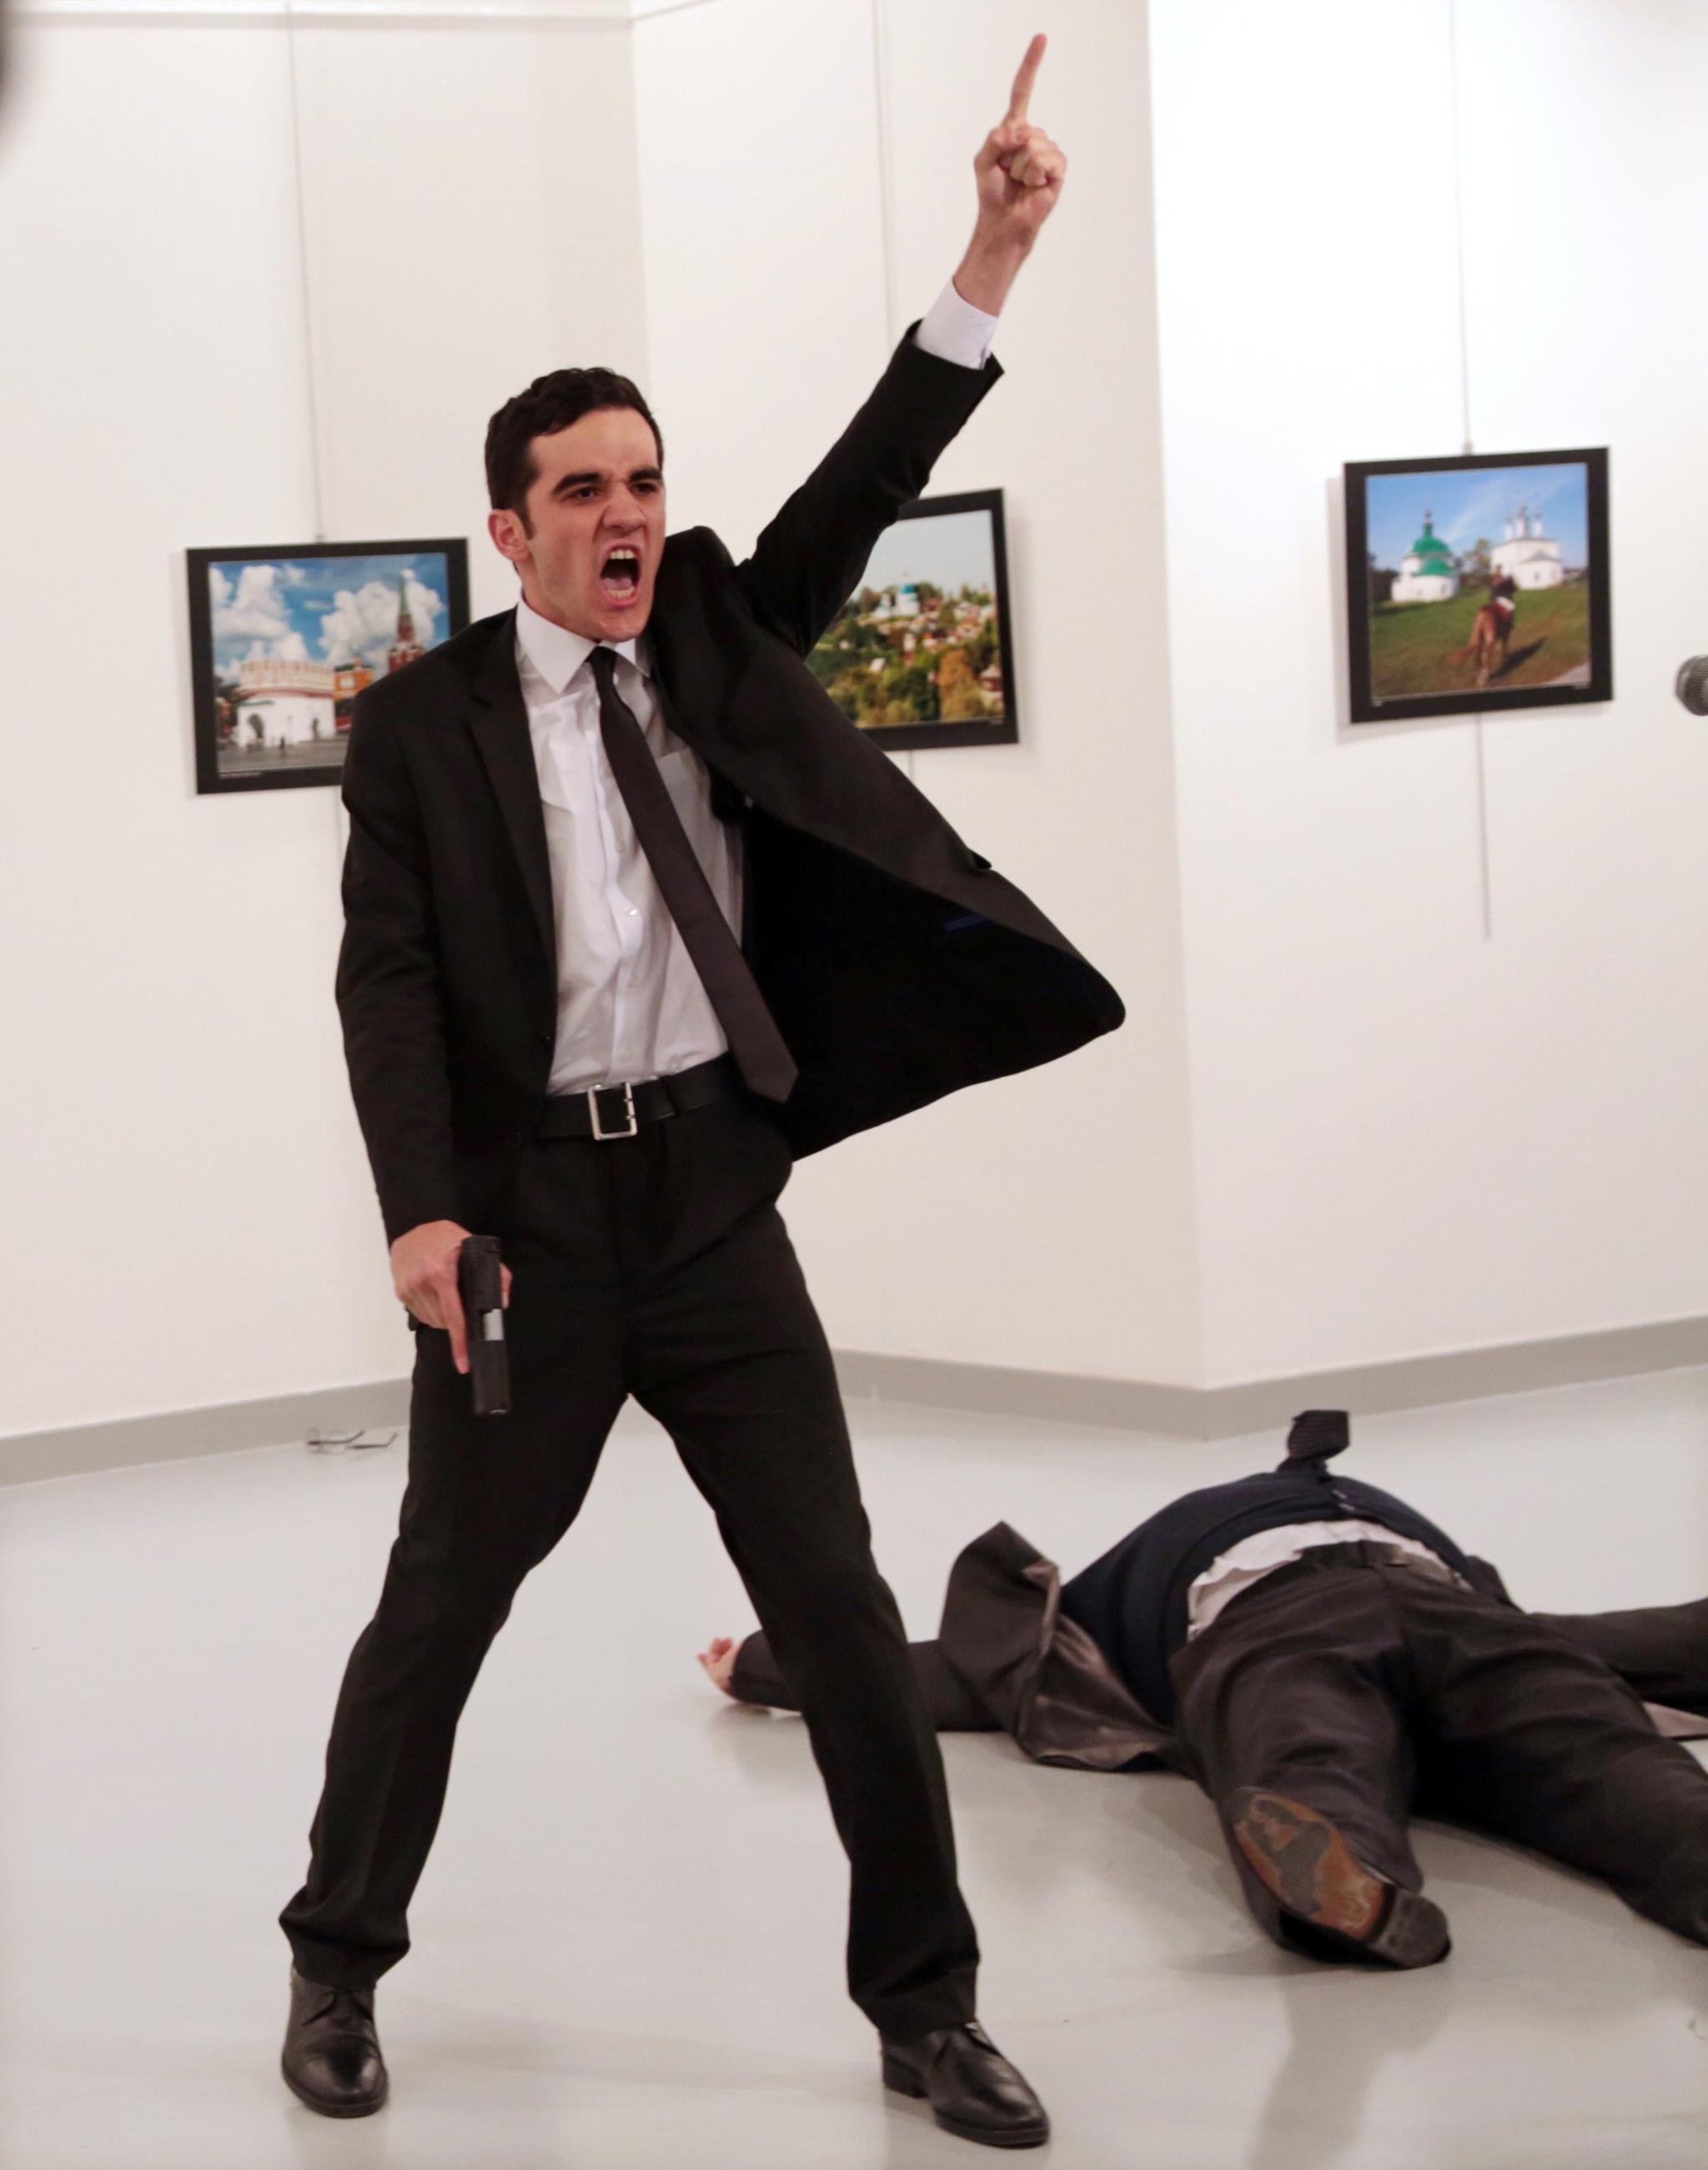 PÚBLICO - Deve a imagem de um homicídio premeditado ser a fotografia do ano?